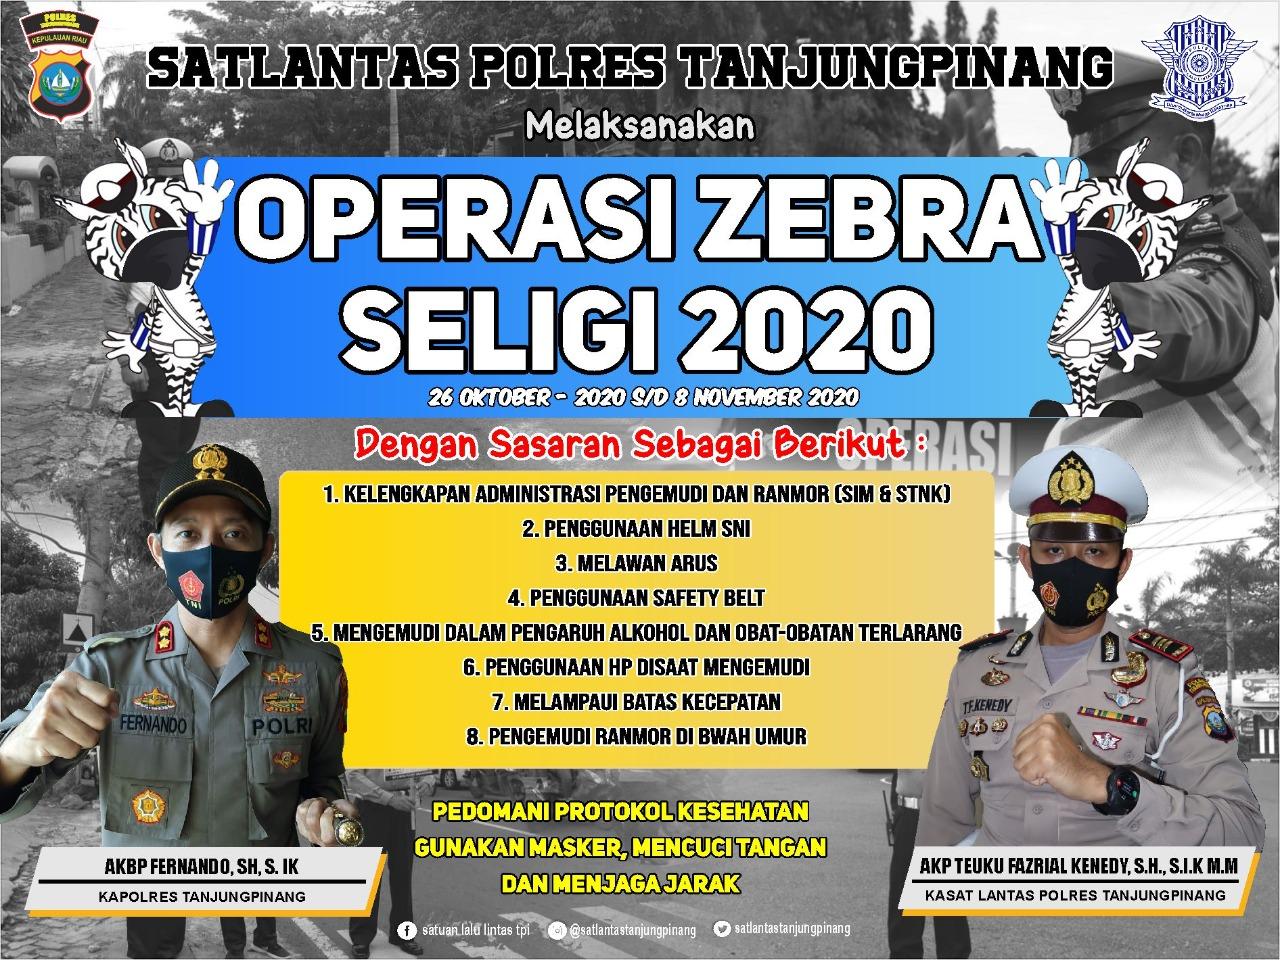 Satlantas Polres Tanjungpinang Gelar Operasi Zebra Seligi 2020 Selama Dua Minggu